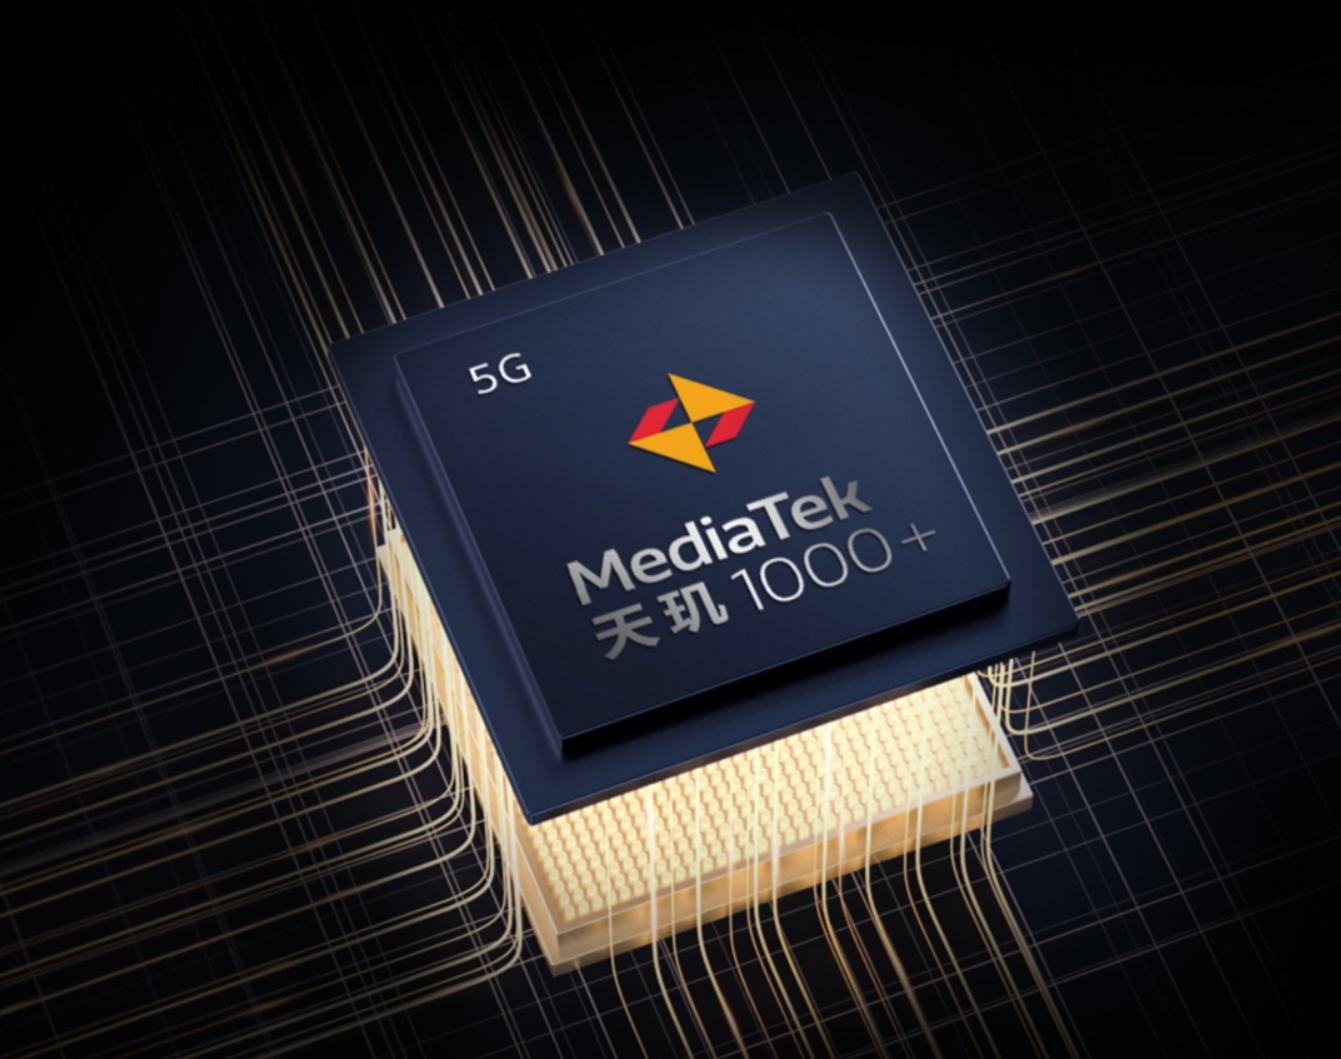 Mediatek Dimensity 1000